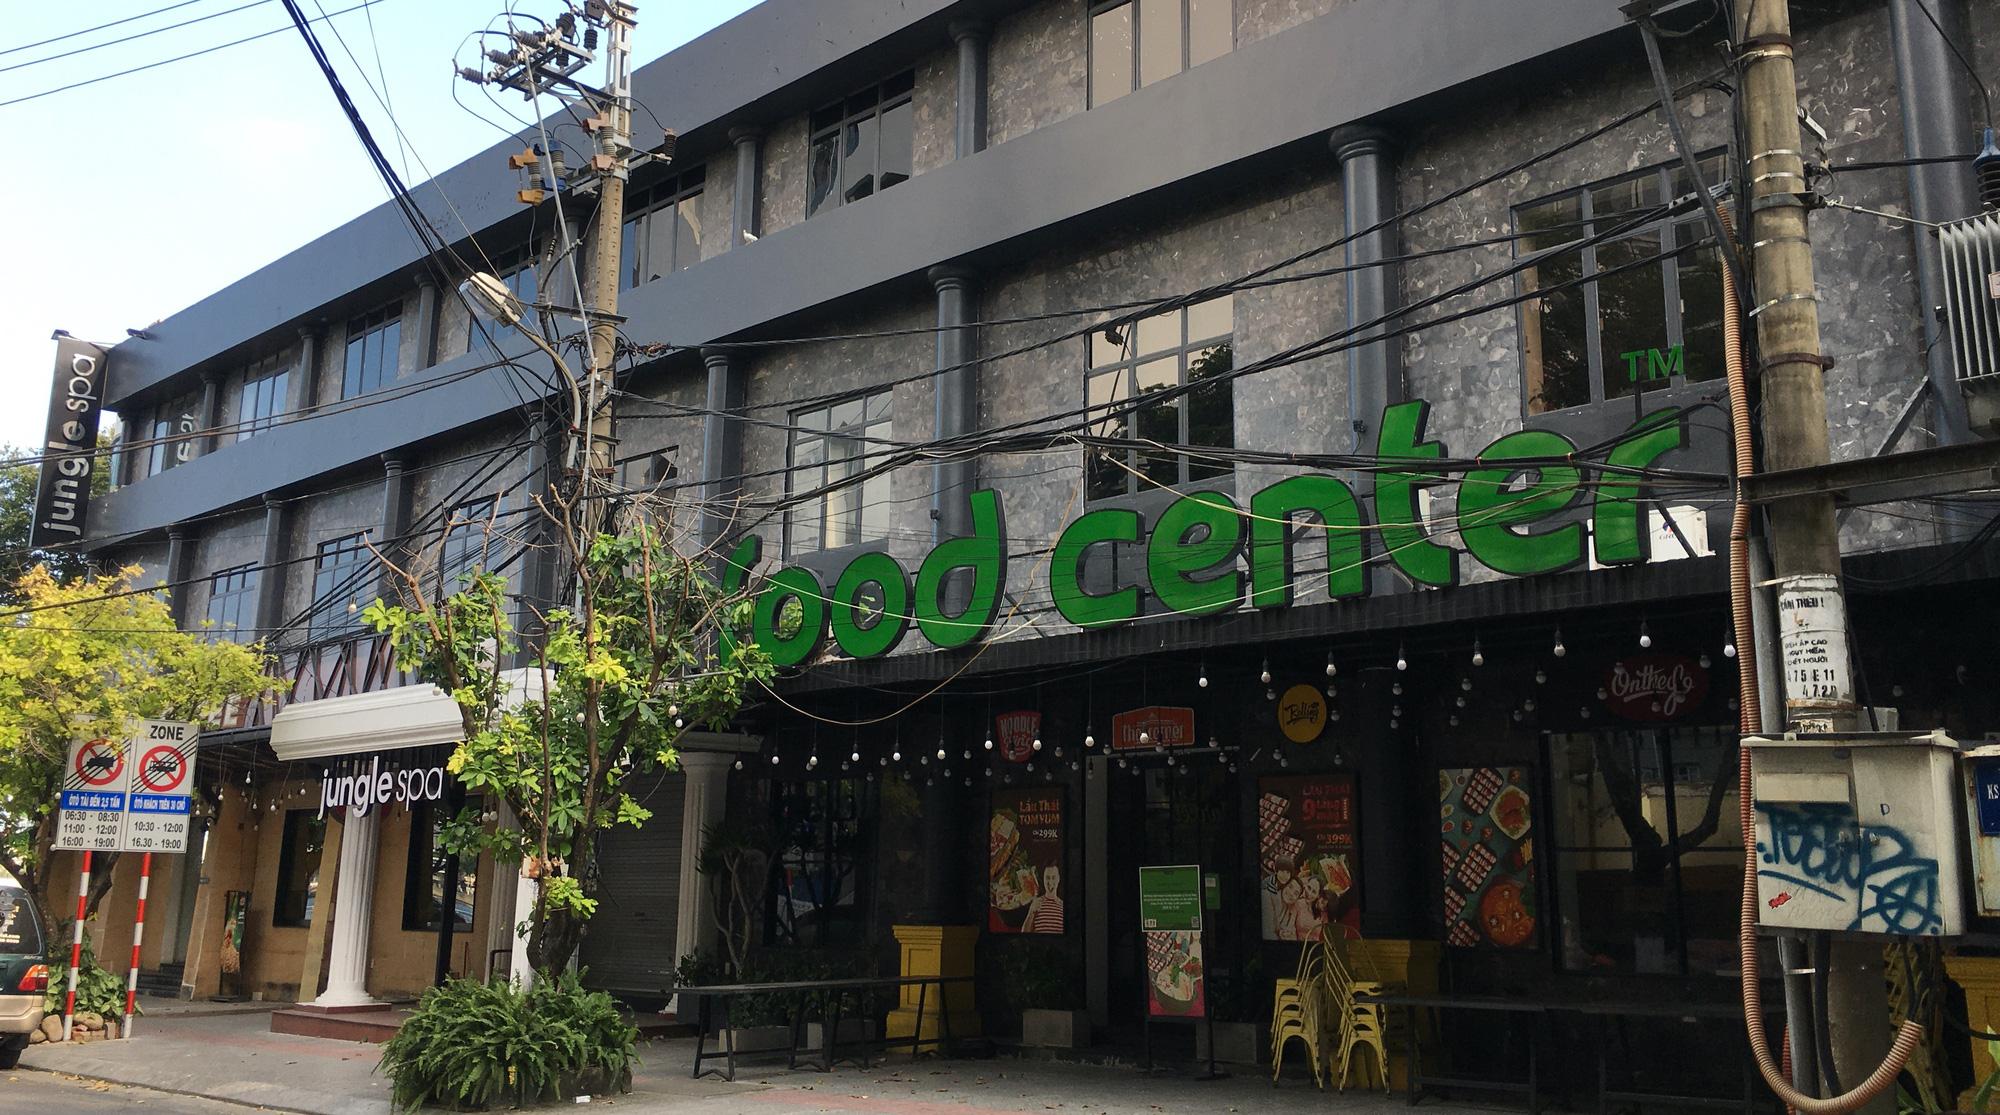 Từ quán cà phê, bánh ngọt đến trà sữa ở Đà Nẵng dừng luôn việc bán online, mang đi khi chính quyền cấm - Ảnh 5.